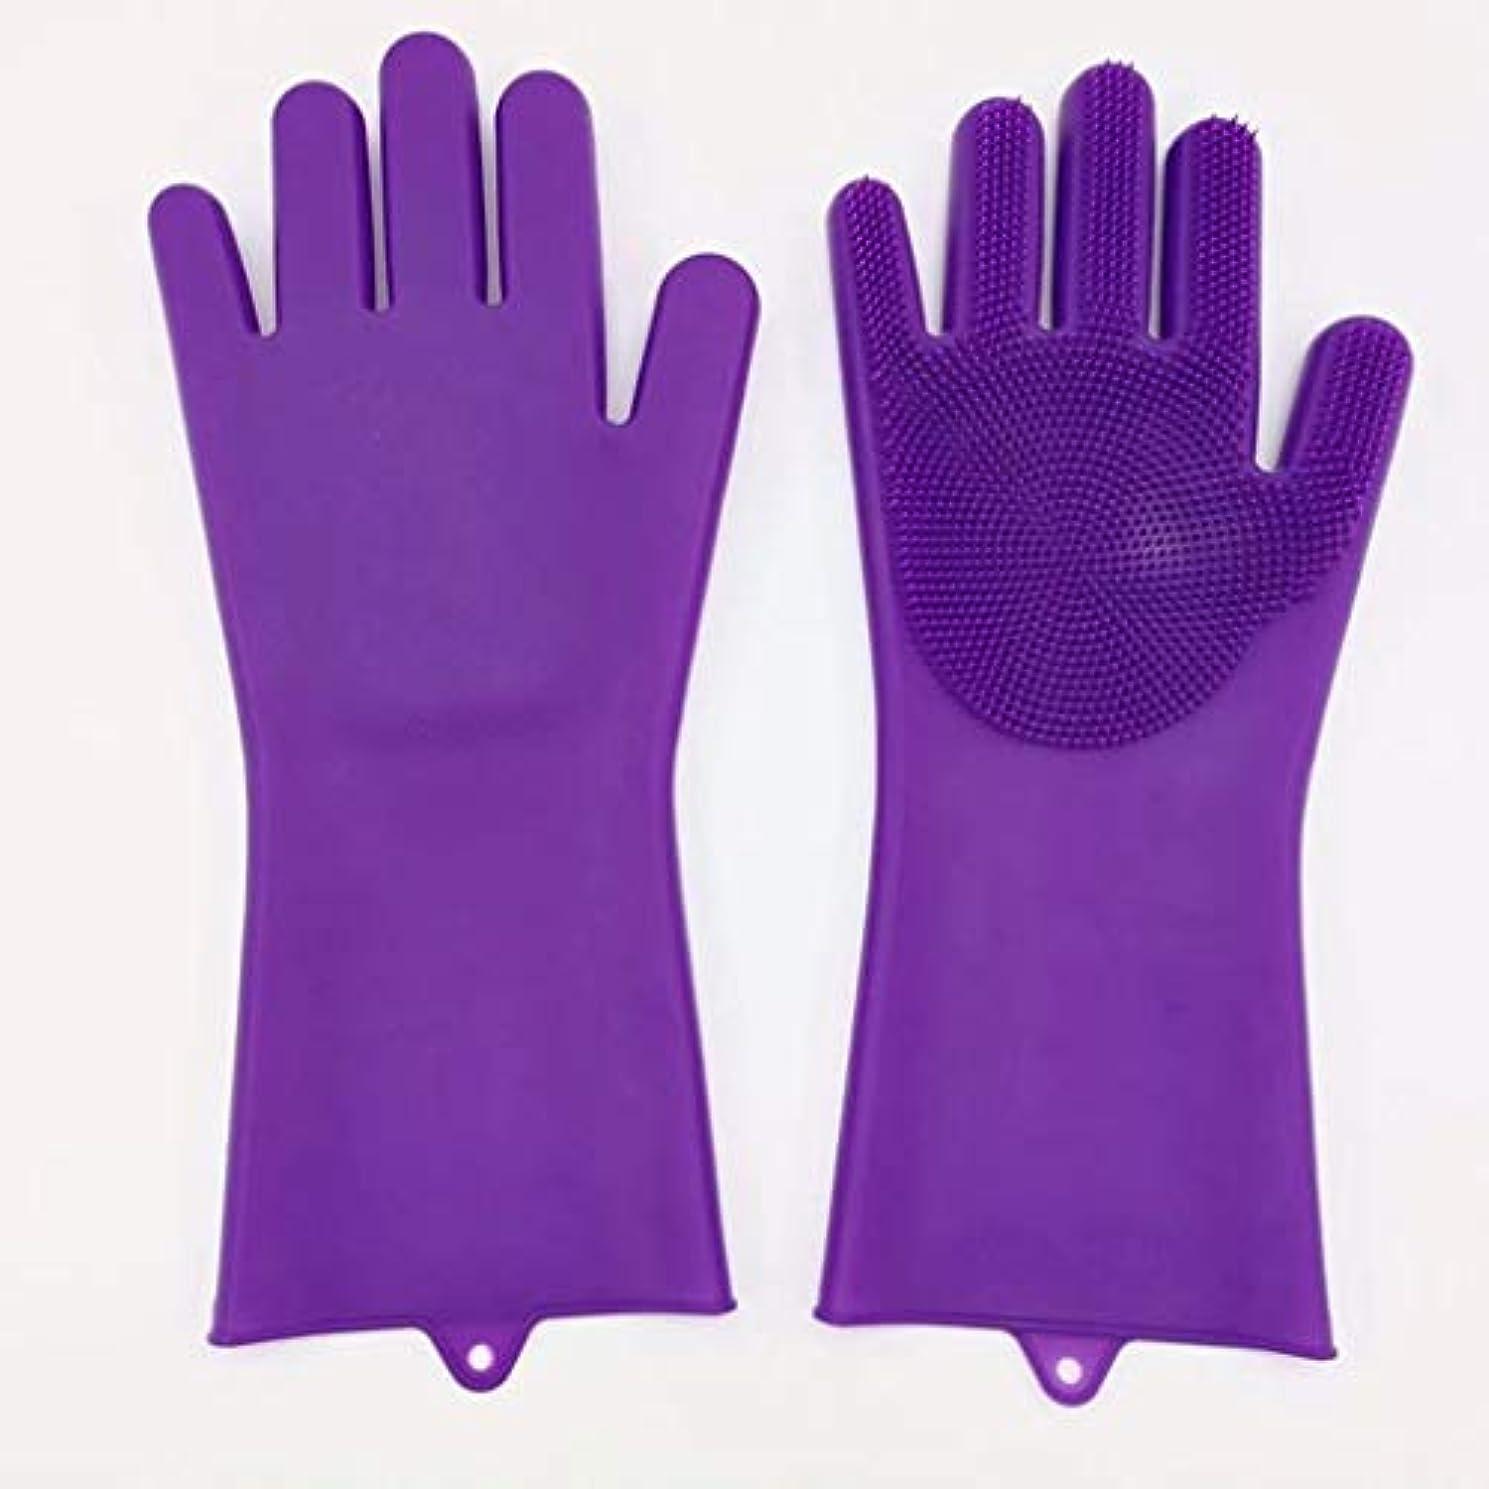 発送航空ユダヤ人YYFRB 食器洗い用シリコーン手袋、台所掃除用マジックグローブ、滑り止め防水高温手袋3色オプション 手袋 (Color : Purple)